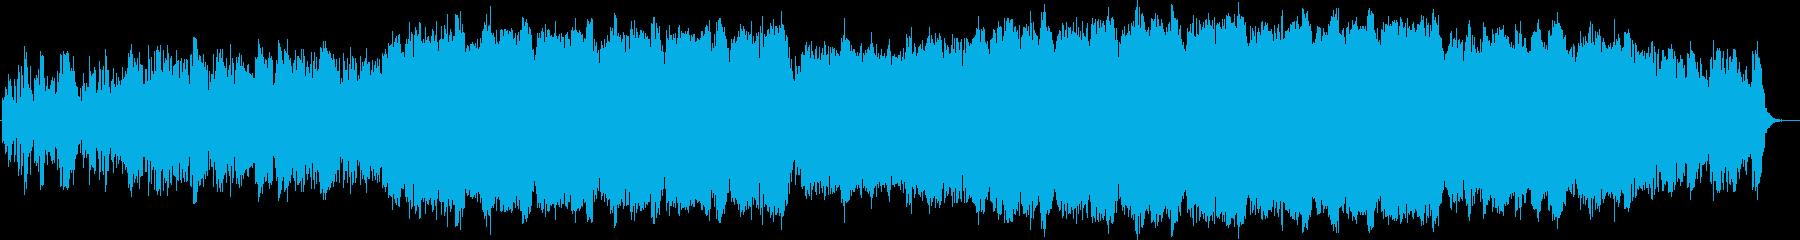 電子音が左右飛び交う心地よいアンビエントの再生済みの波形